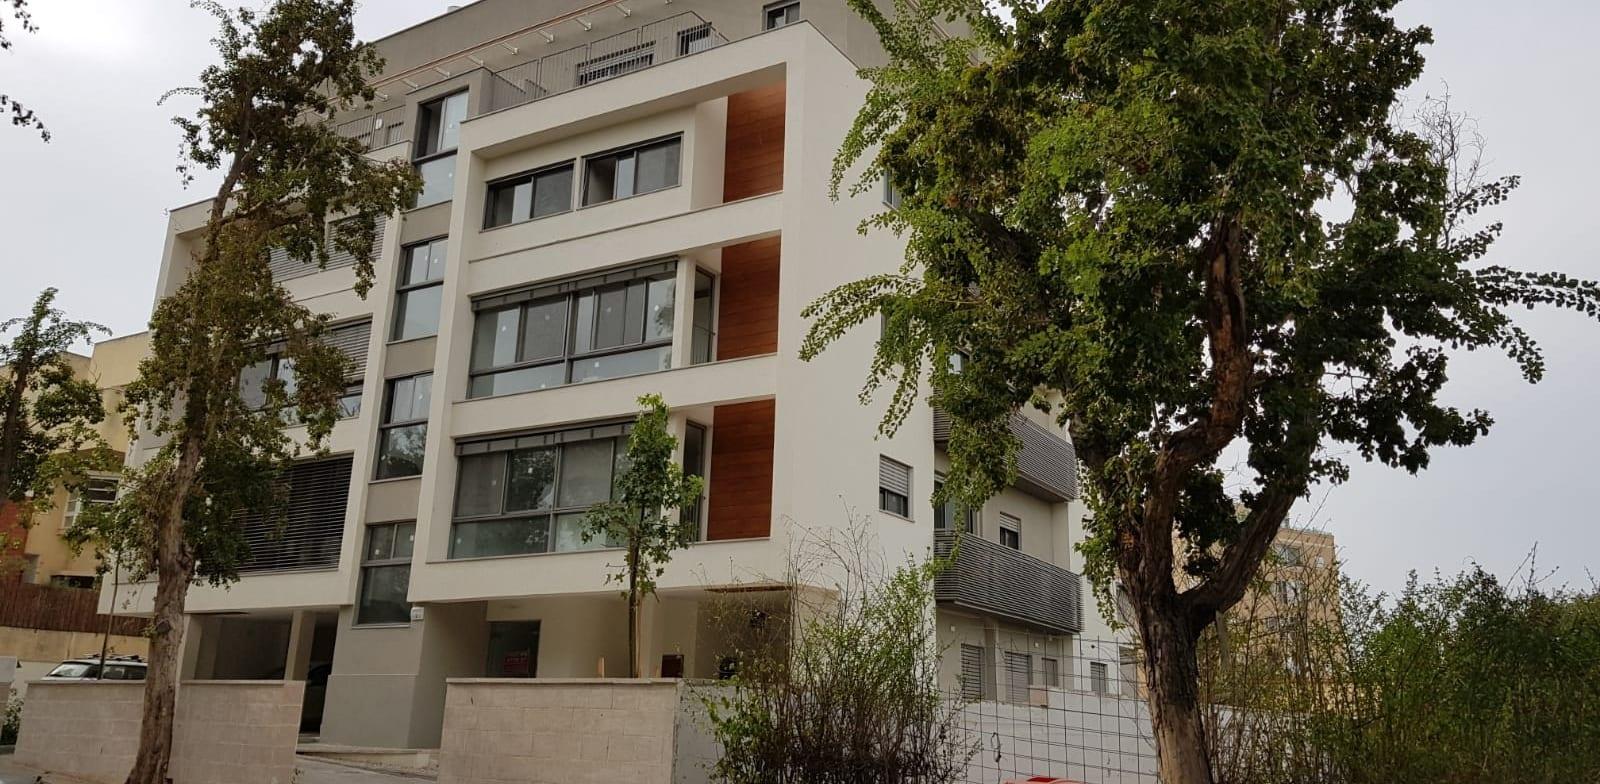 קהילת אודסה 27, תל אביב / צילום: גיא כנען